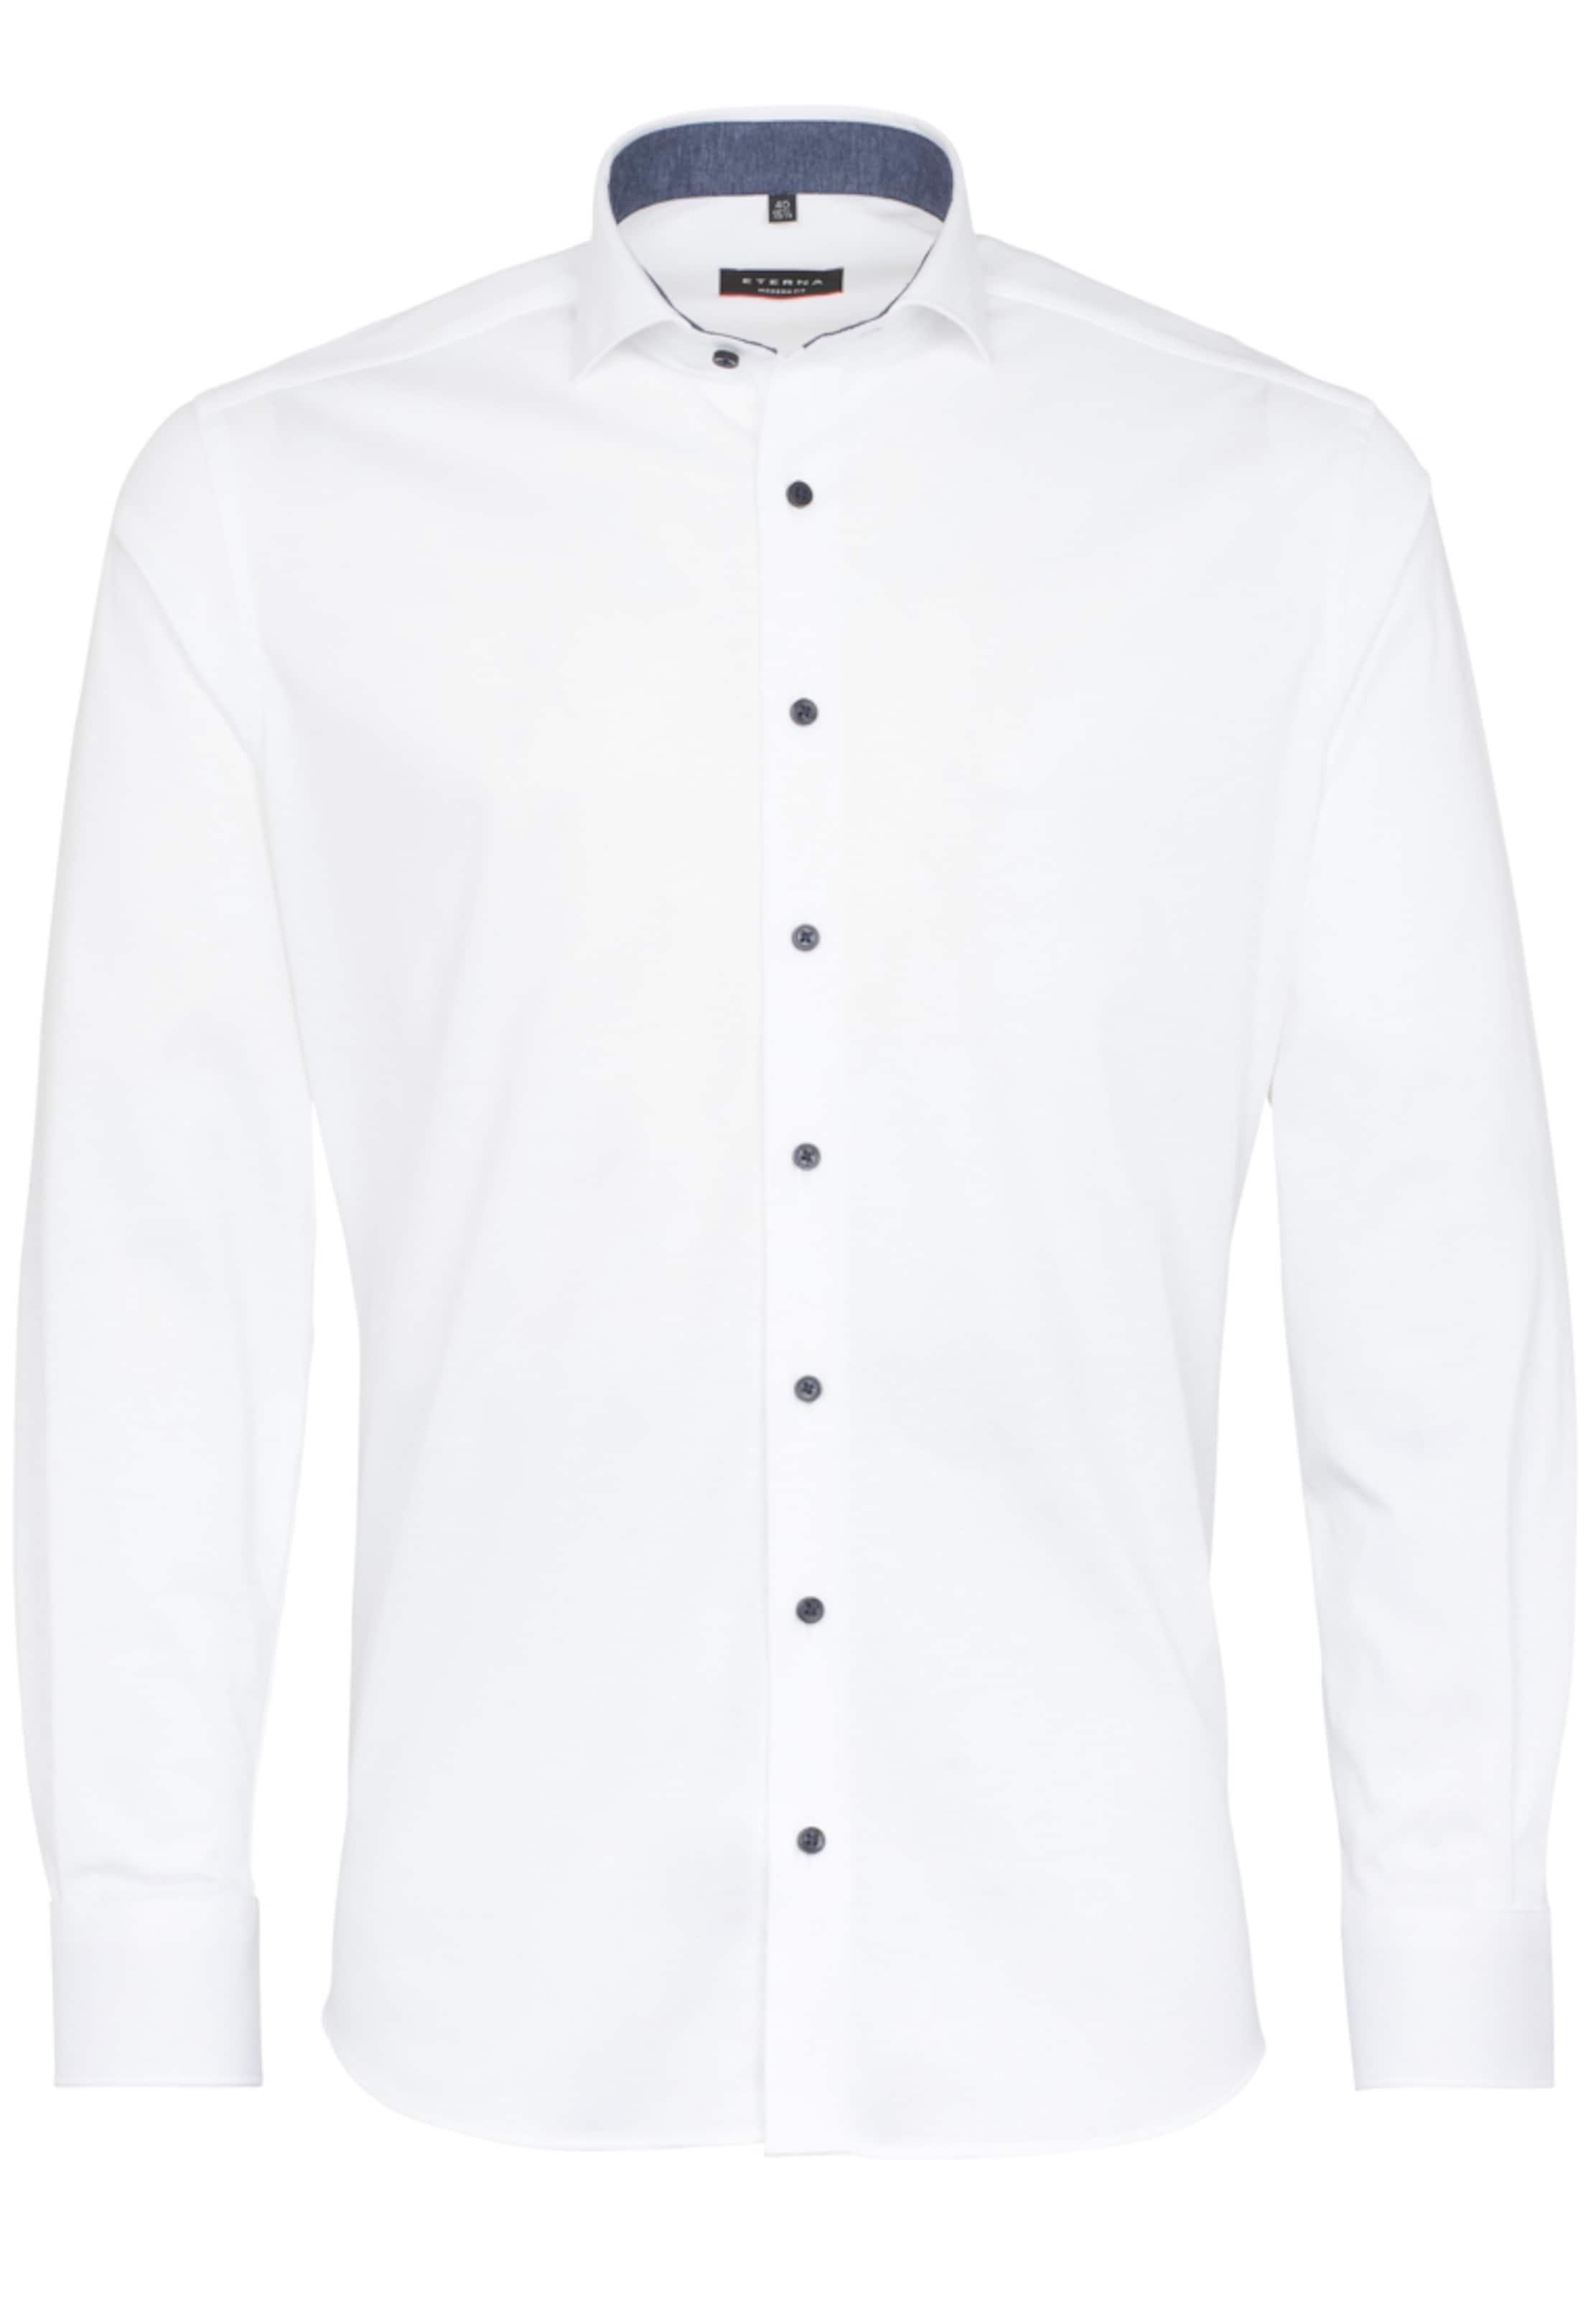 ETERNA Langarm Hemd MODERN FIT Rabatt Mit Paypal Komfortable Online-Verkauf Heißen Verkauf Online Viele Arten Von Preise Online-Verkauf CjUwj